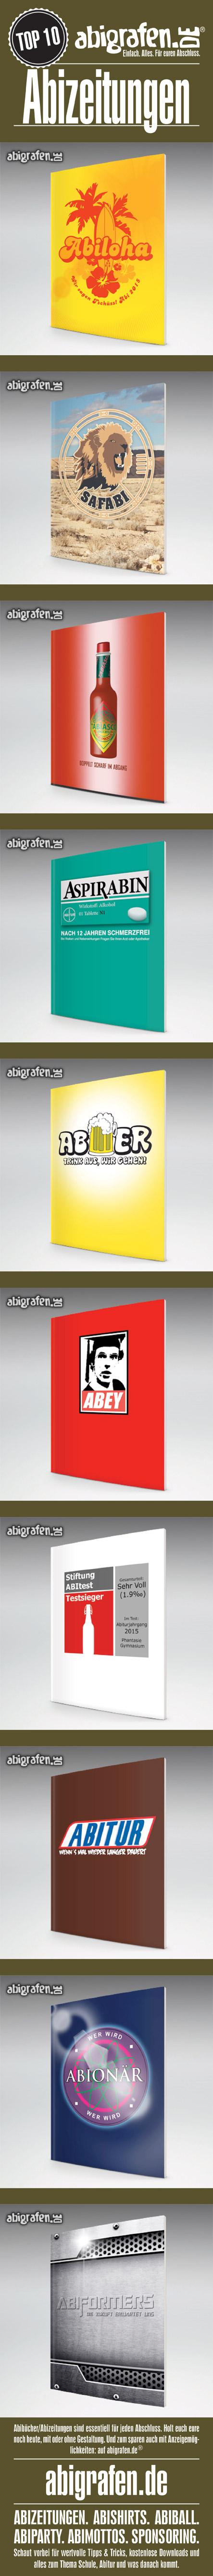 #Abizeitungen #Abizeitung #Abschlusszeitung #Schülerzeitung #Schulzeitung #Abibuch #Abibuecher #abimotto #abispruch #yearbook #design #gestaltung #Abilogo #Abigestaltung #Abidesign #Logo